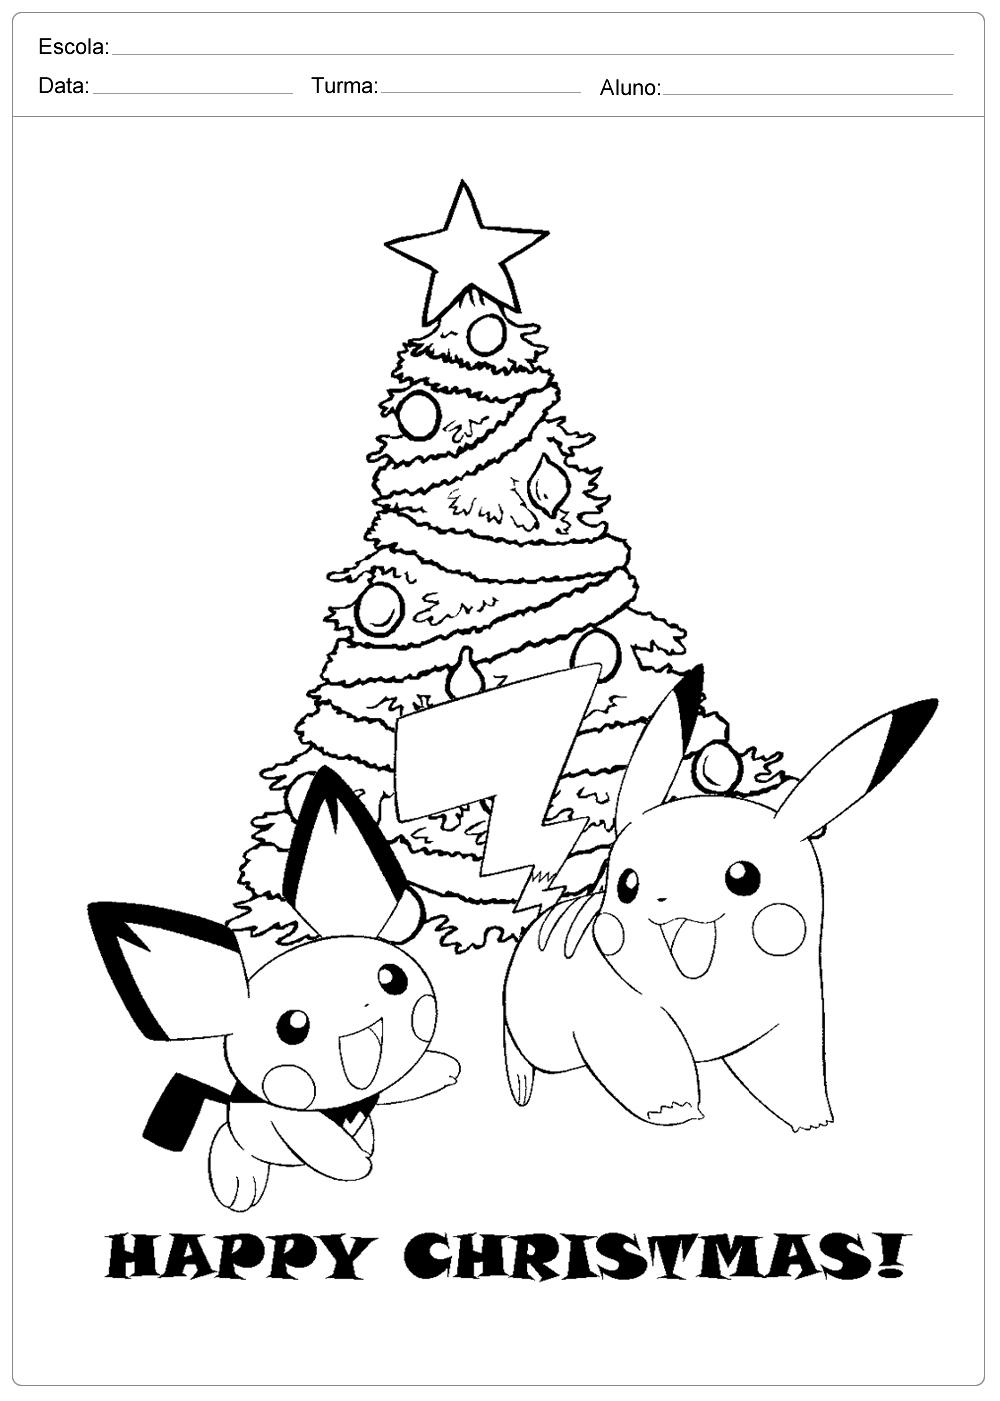 desenhos de natal para colorir pokemon escola educação